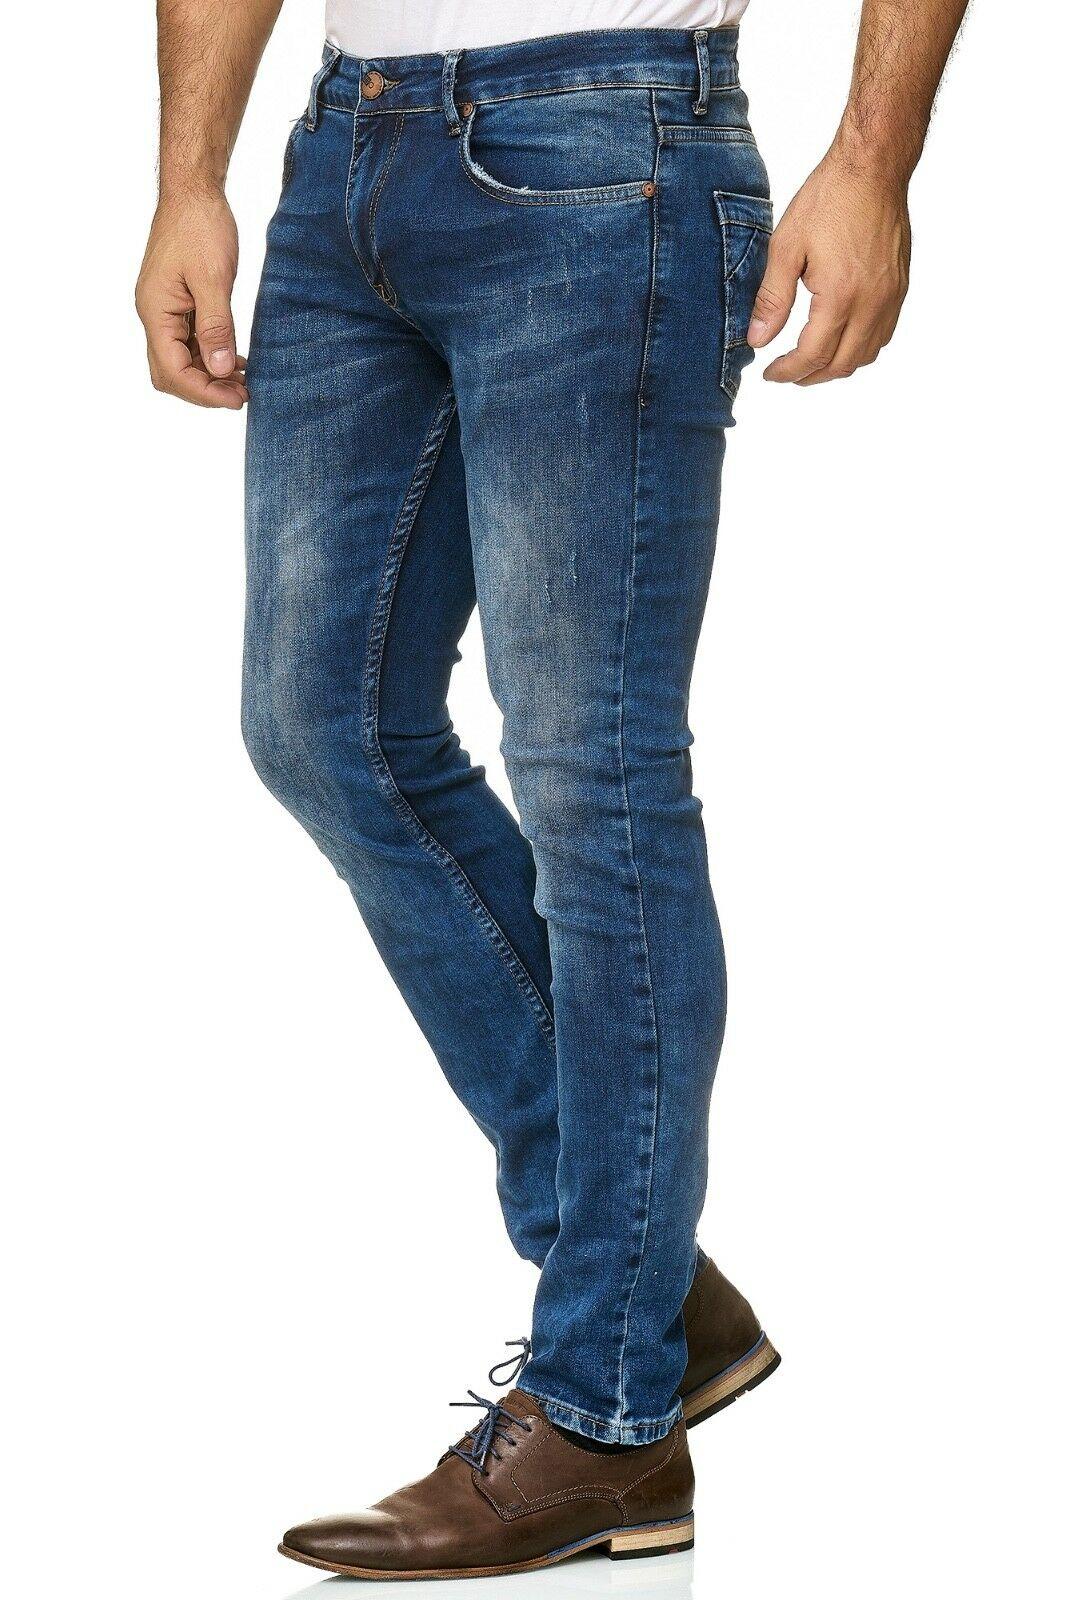 Herren-Jeanshosen-Stretch-Hose-Slim-fit-SKINNY-Jeans-Blau-Schwarz-Grau-Weiss Indexbild 41